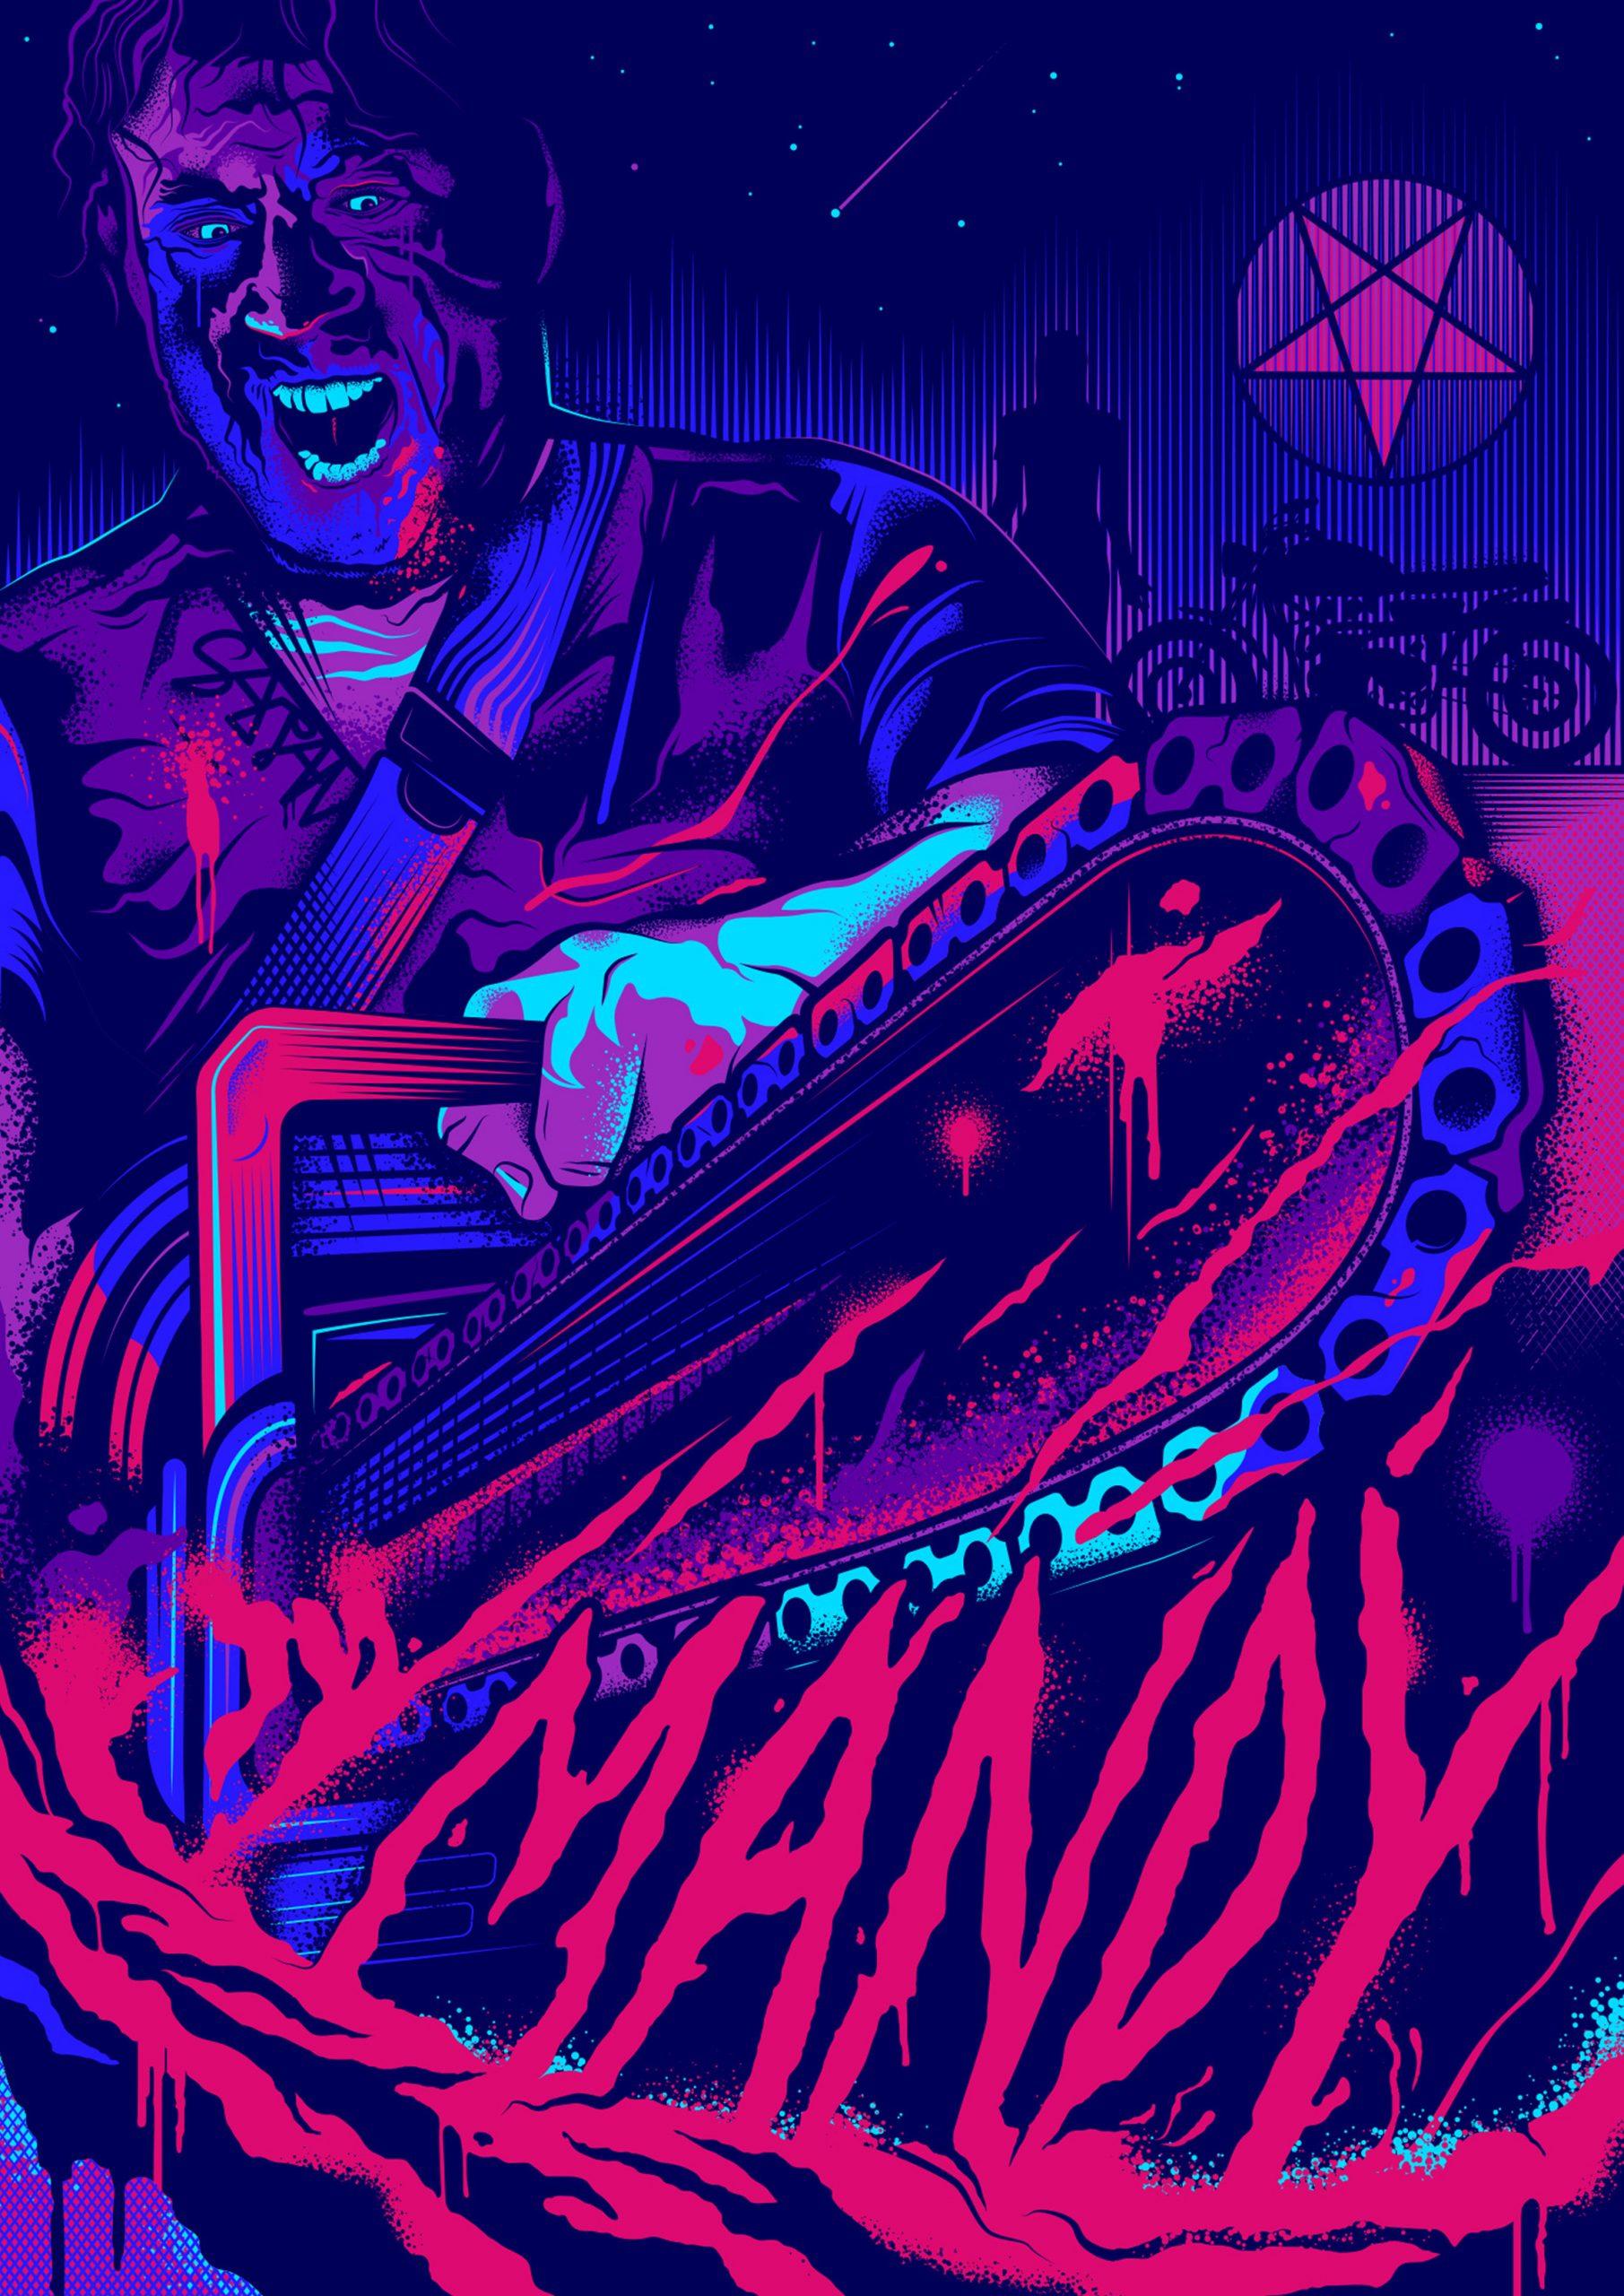 Mandy Alternative Movie Poster